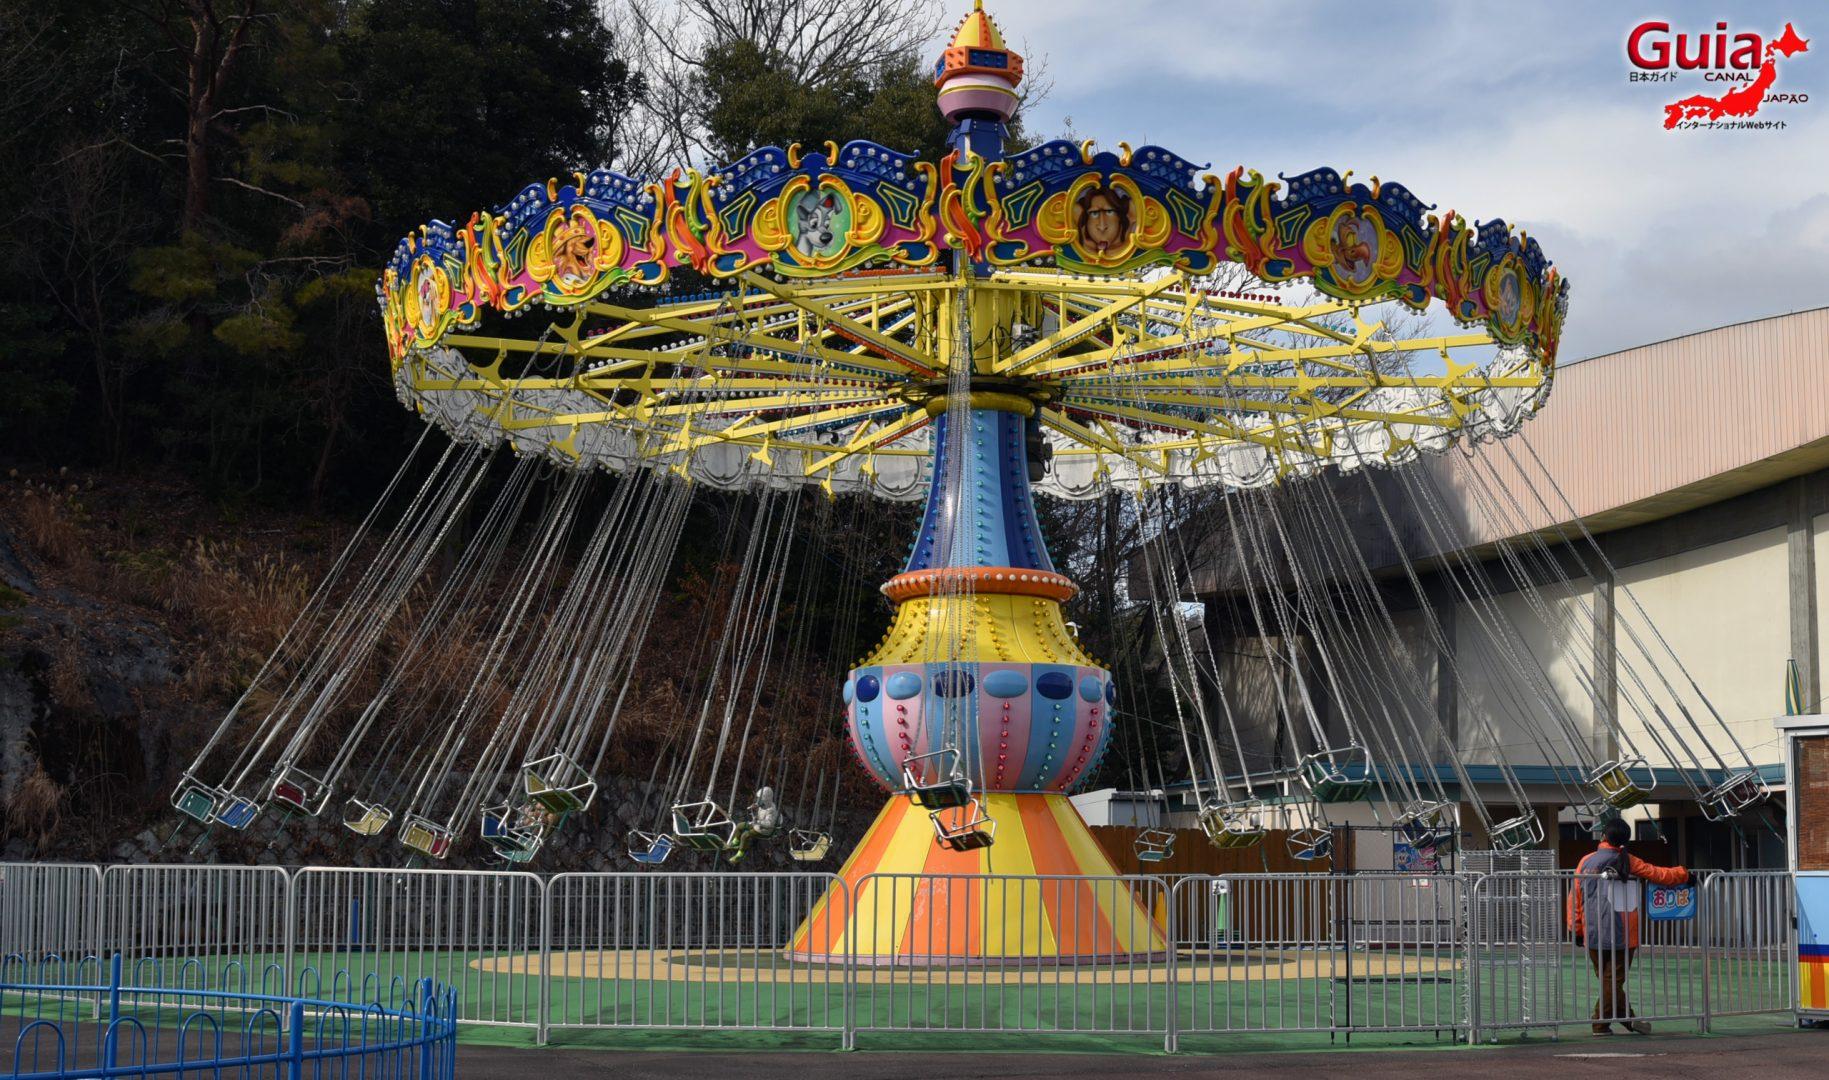 Parco dei divertimenti - Japan Monkey Park 10